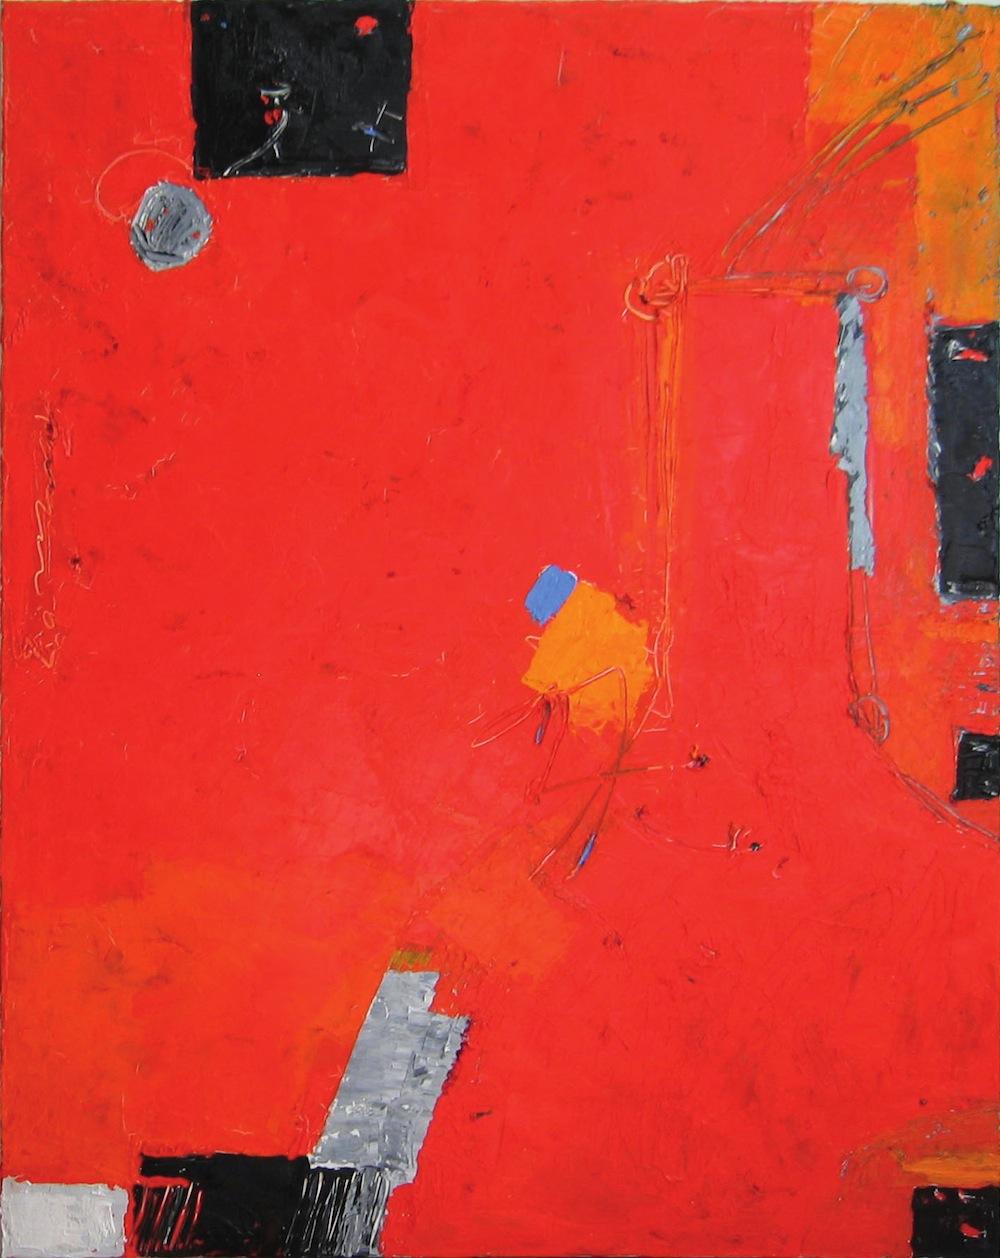 Rosso-grigio, 2011<br/>Olio su tela, 90 x 100 cm